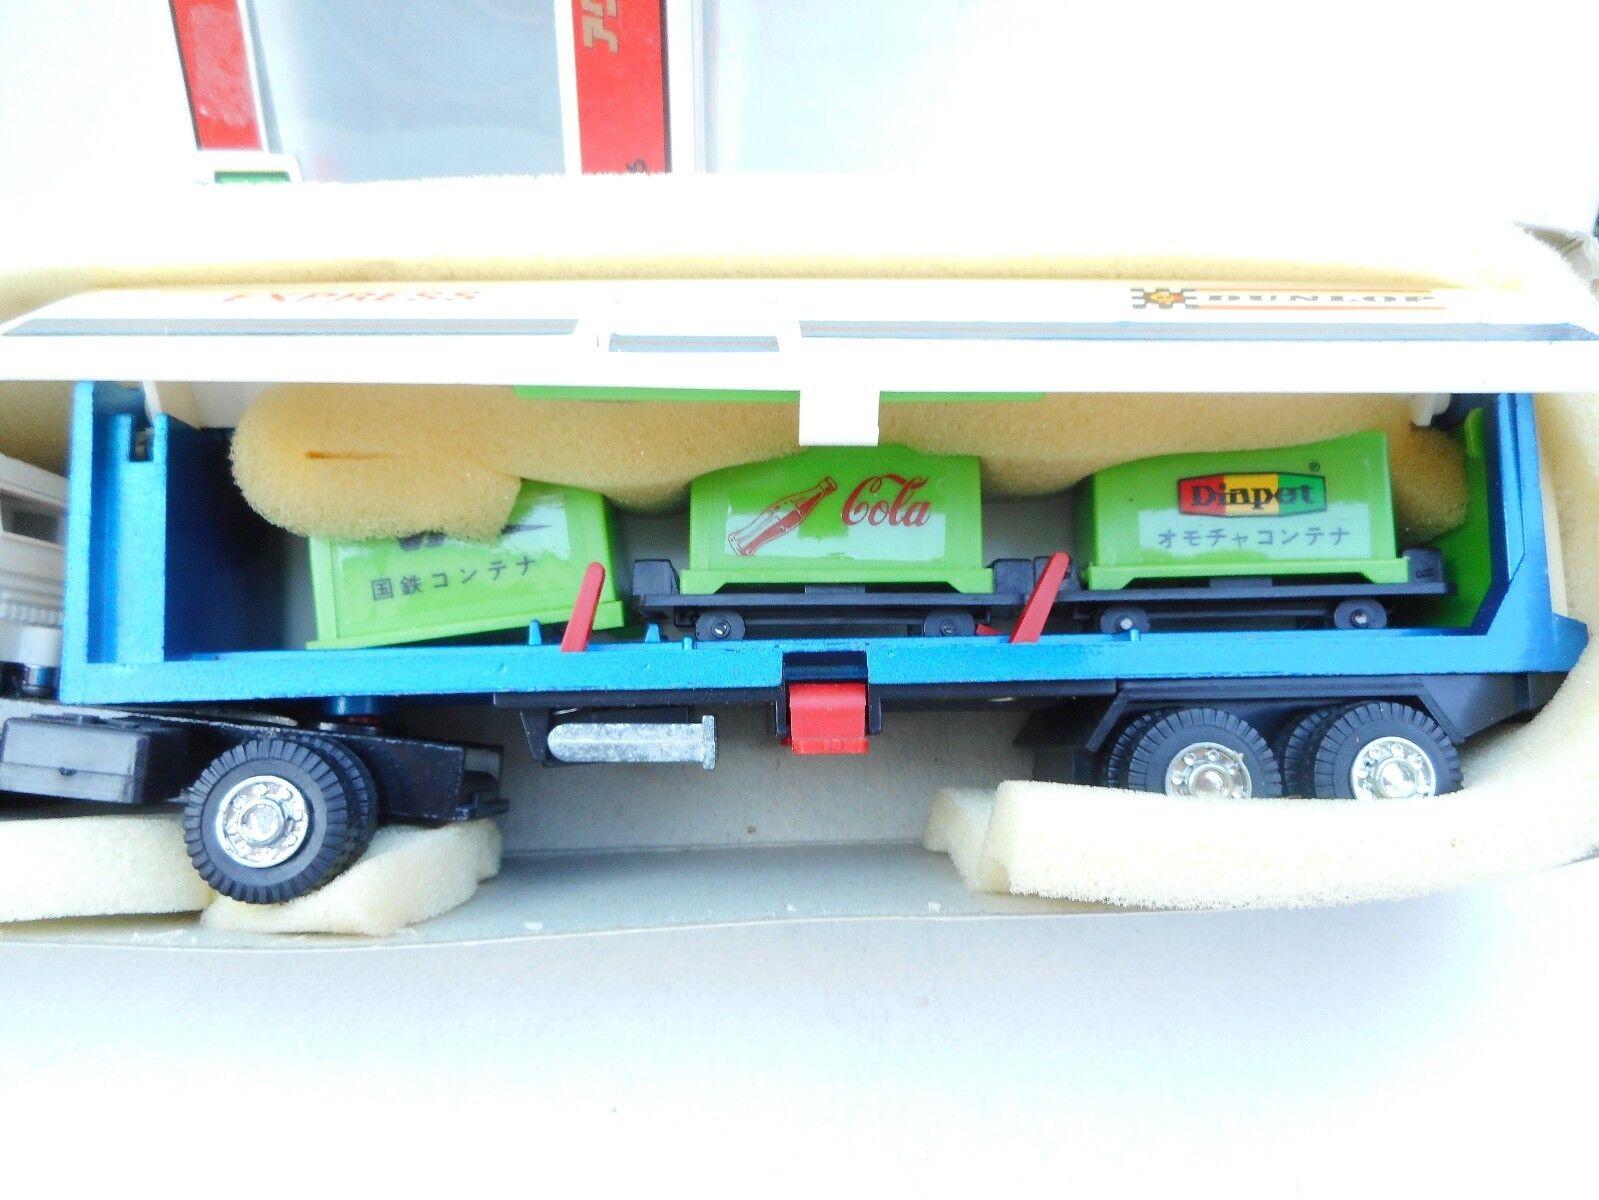 1:55 Diapet YONEZAWA HINO TRAILER VAN TRUCK T-71 DUNLOP trailer MADE IN JAPAN MB